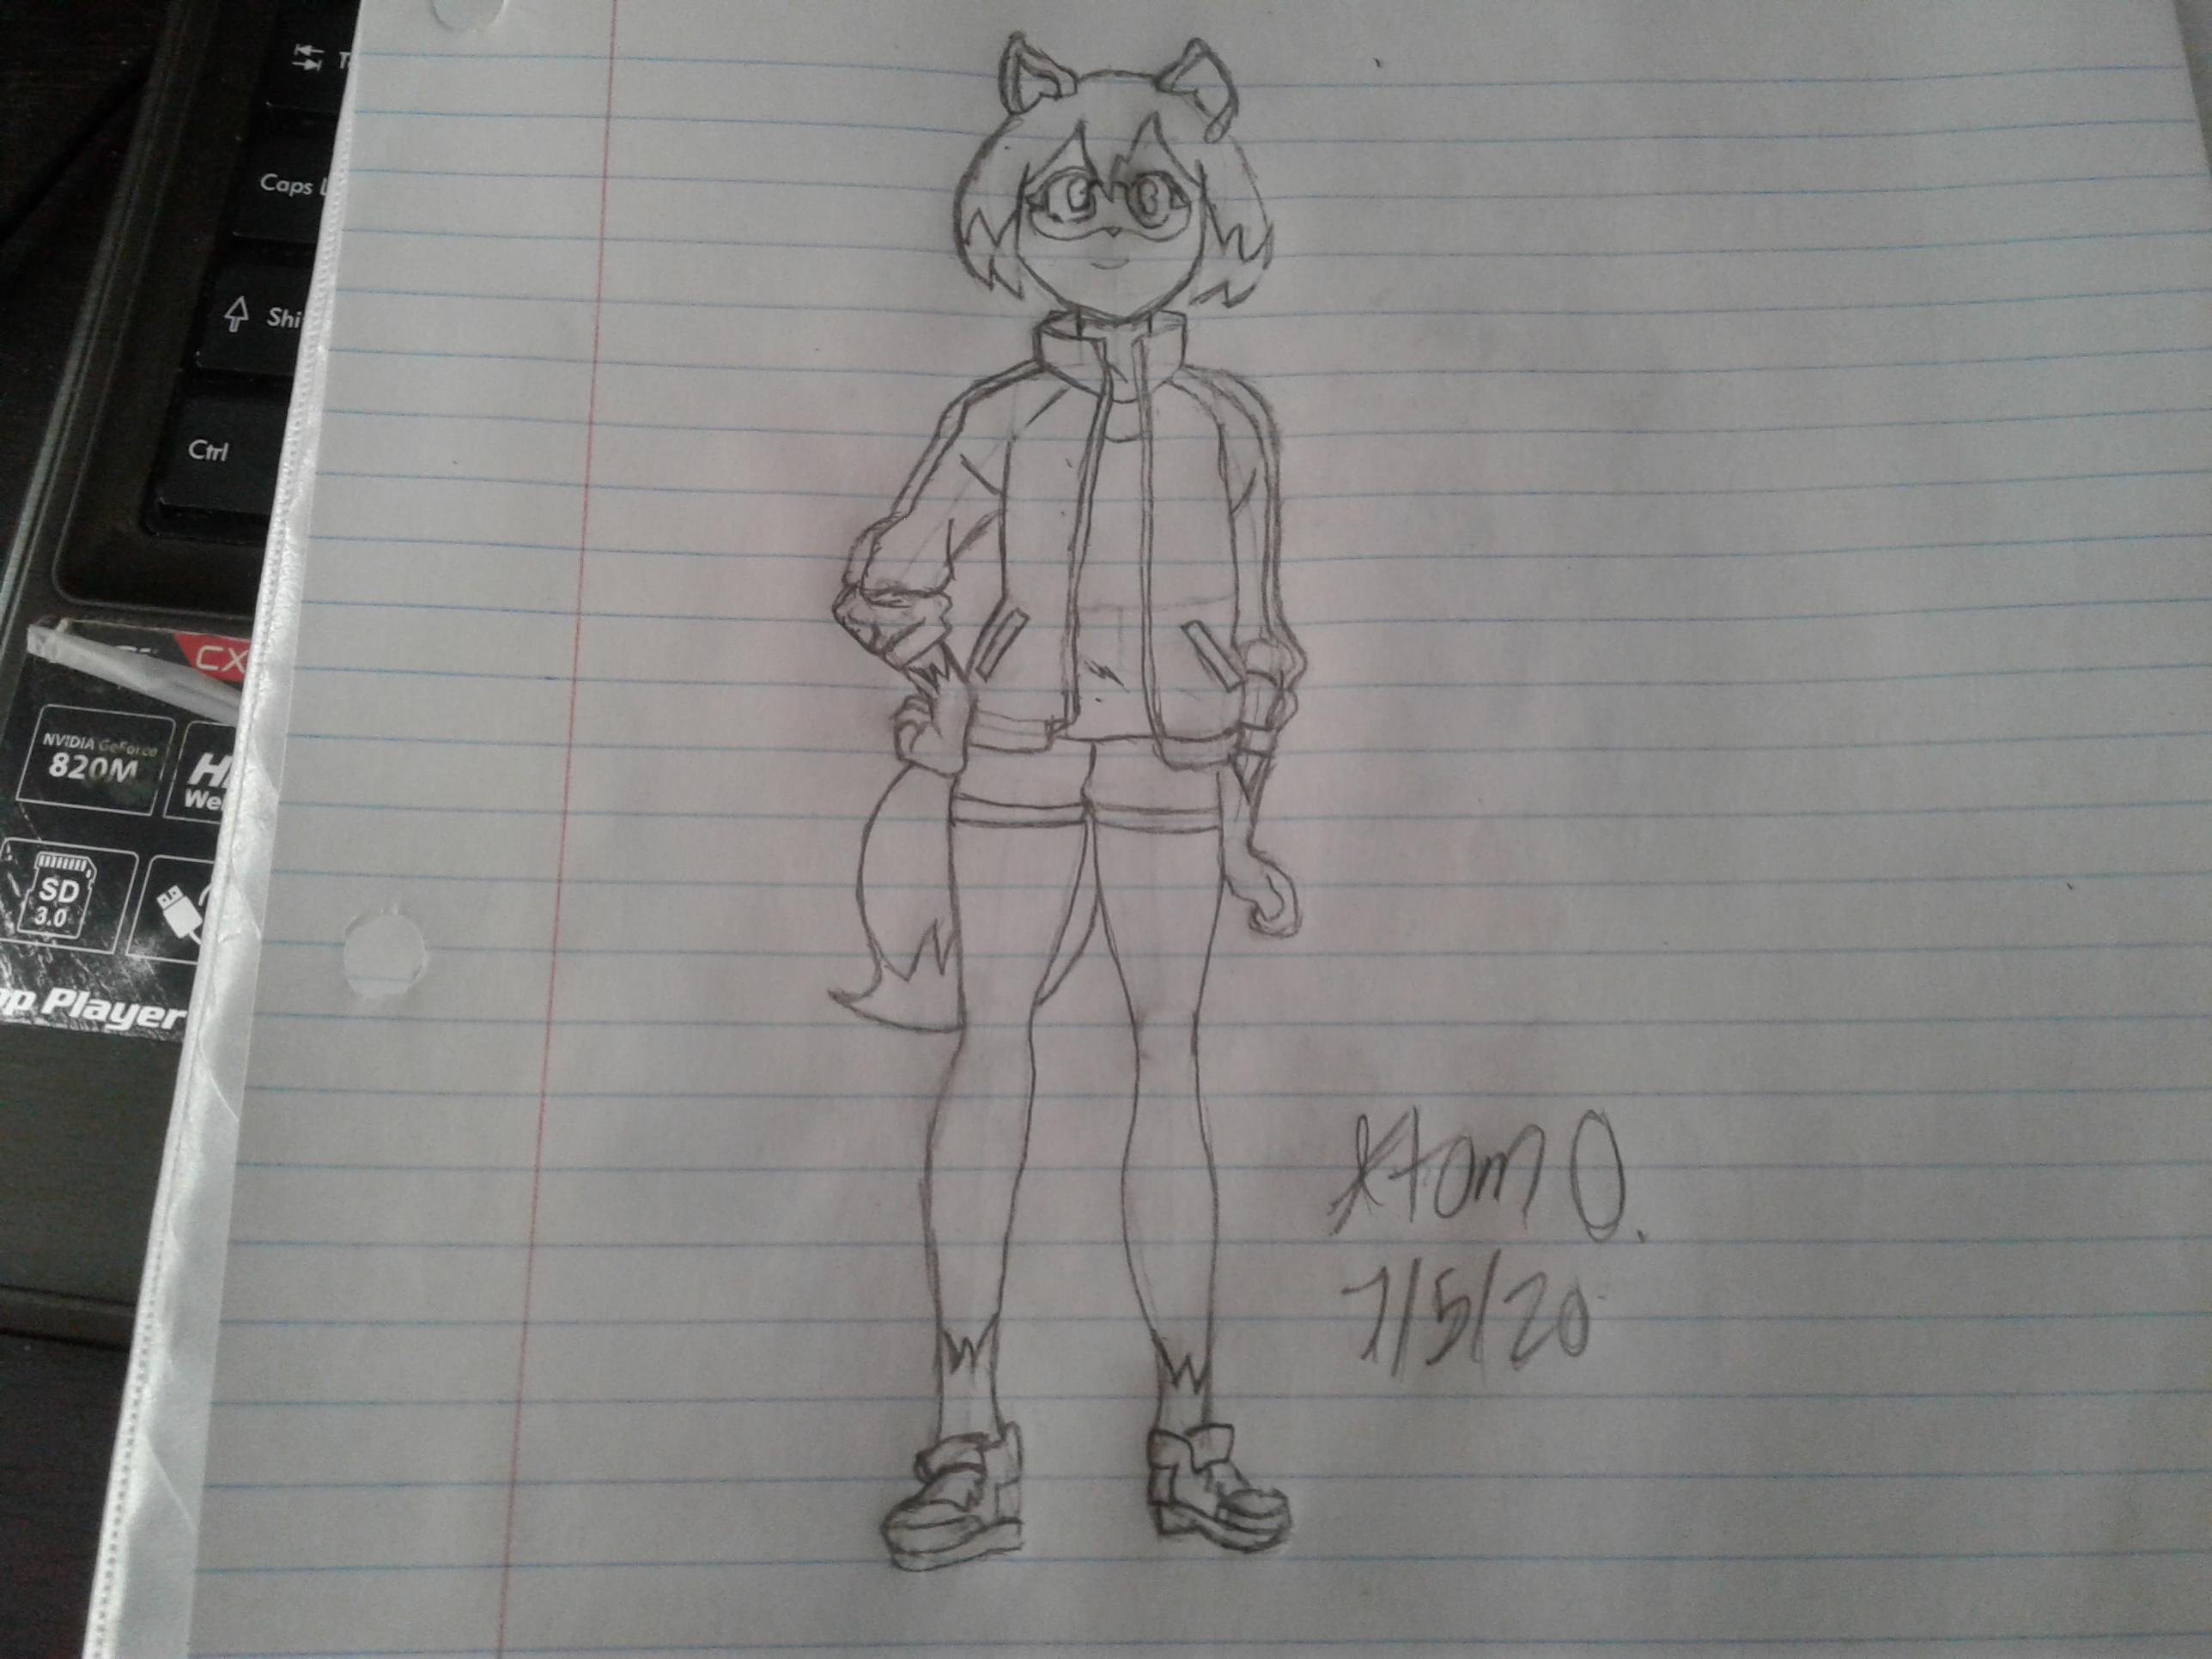 BNA: Kagemori Michiru (Sketch)